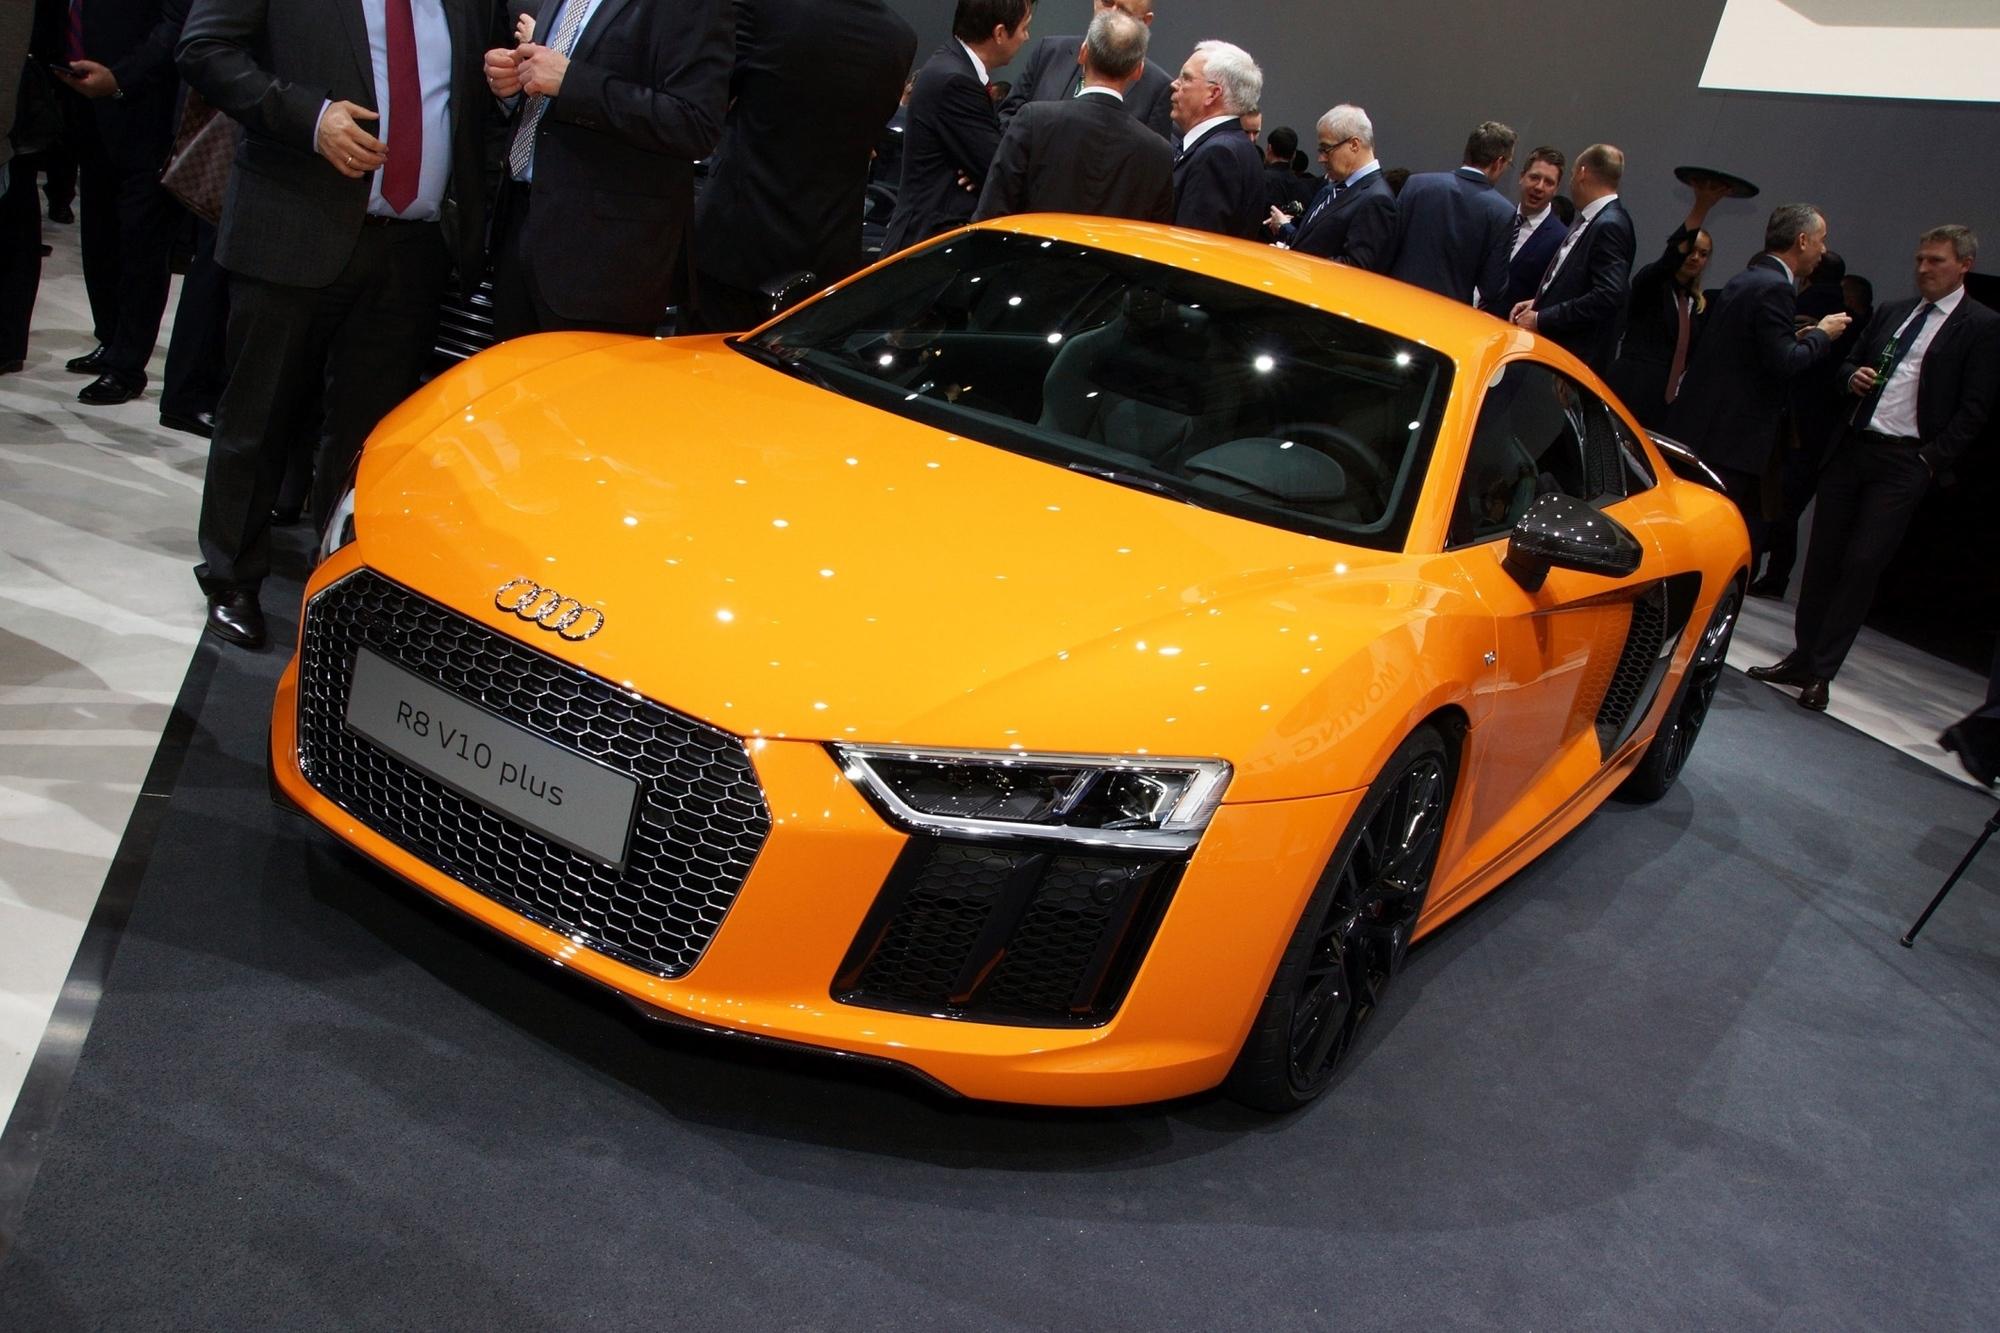 Sportwagen auf dem Genfer Automobilsalon - Power to play